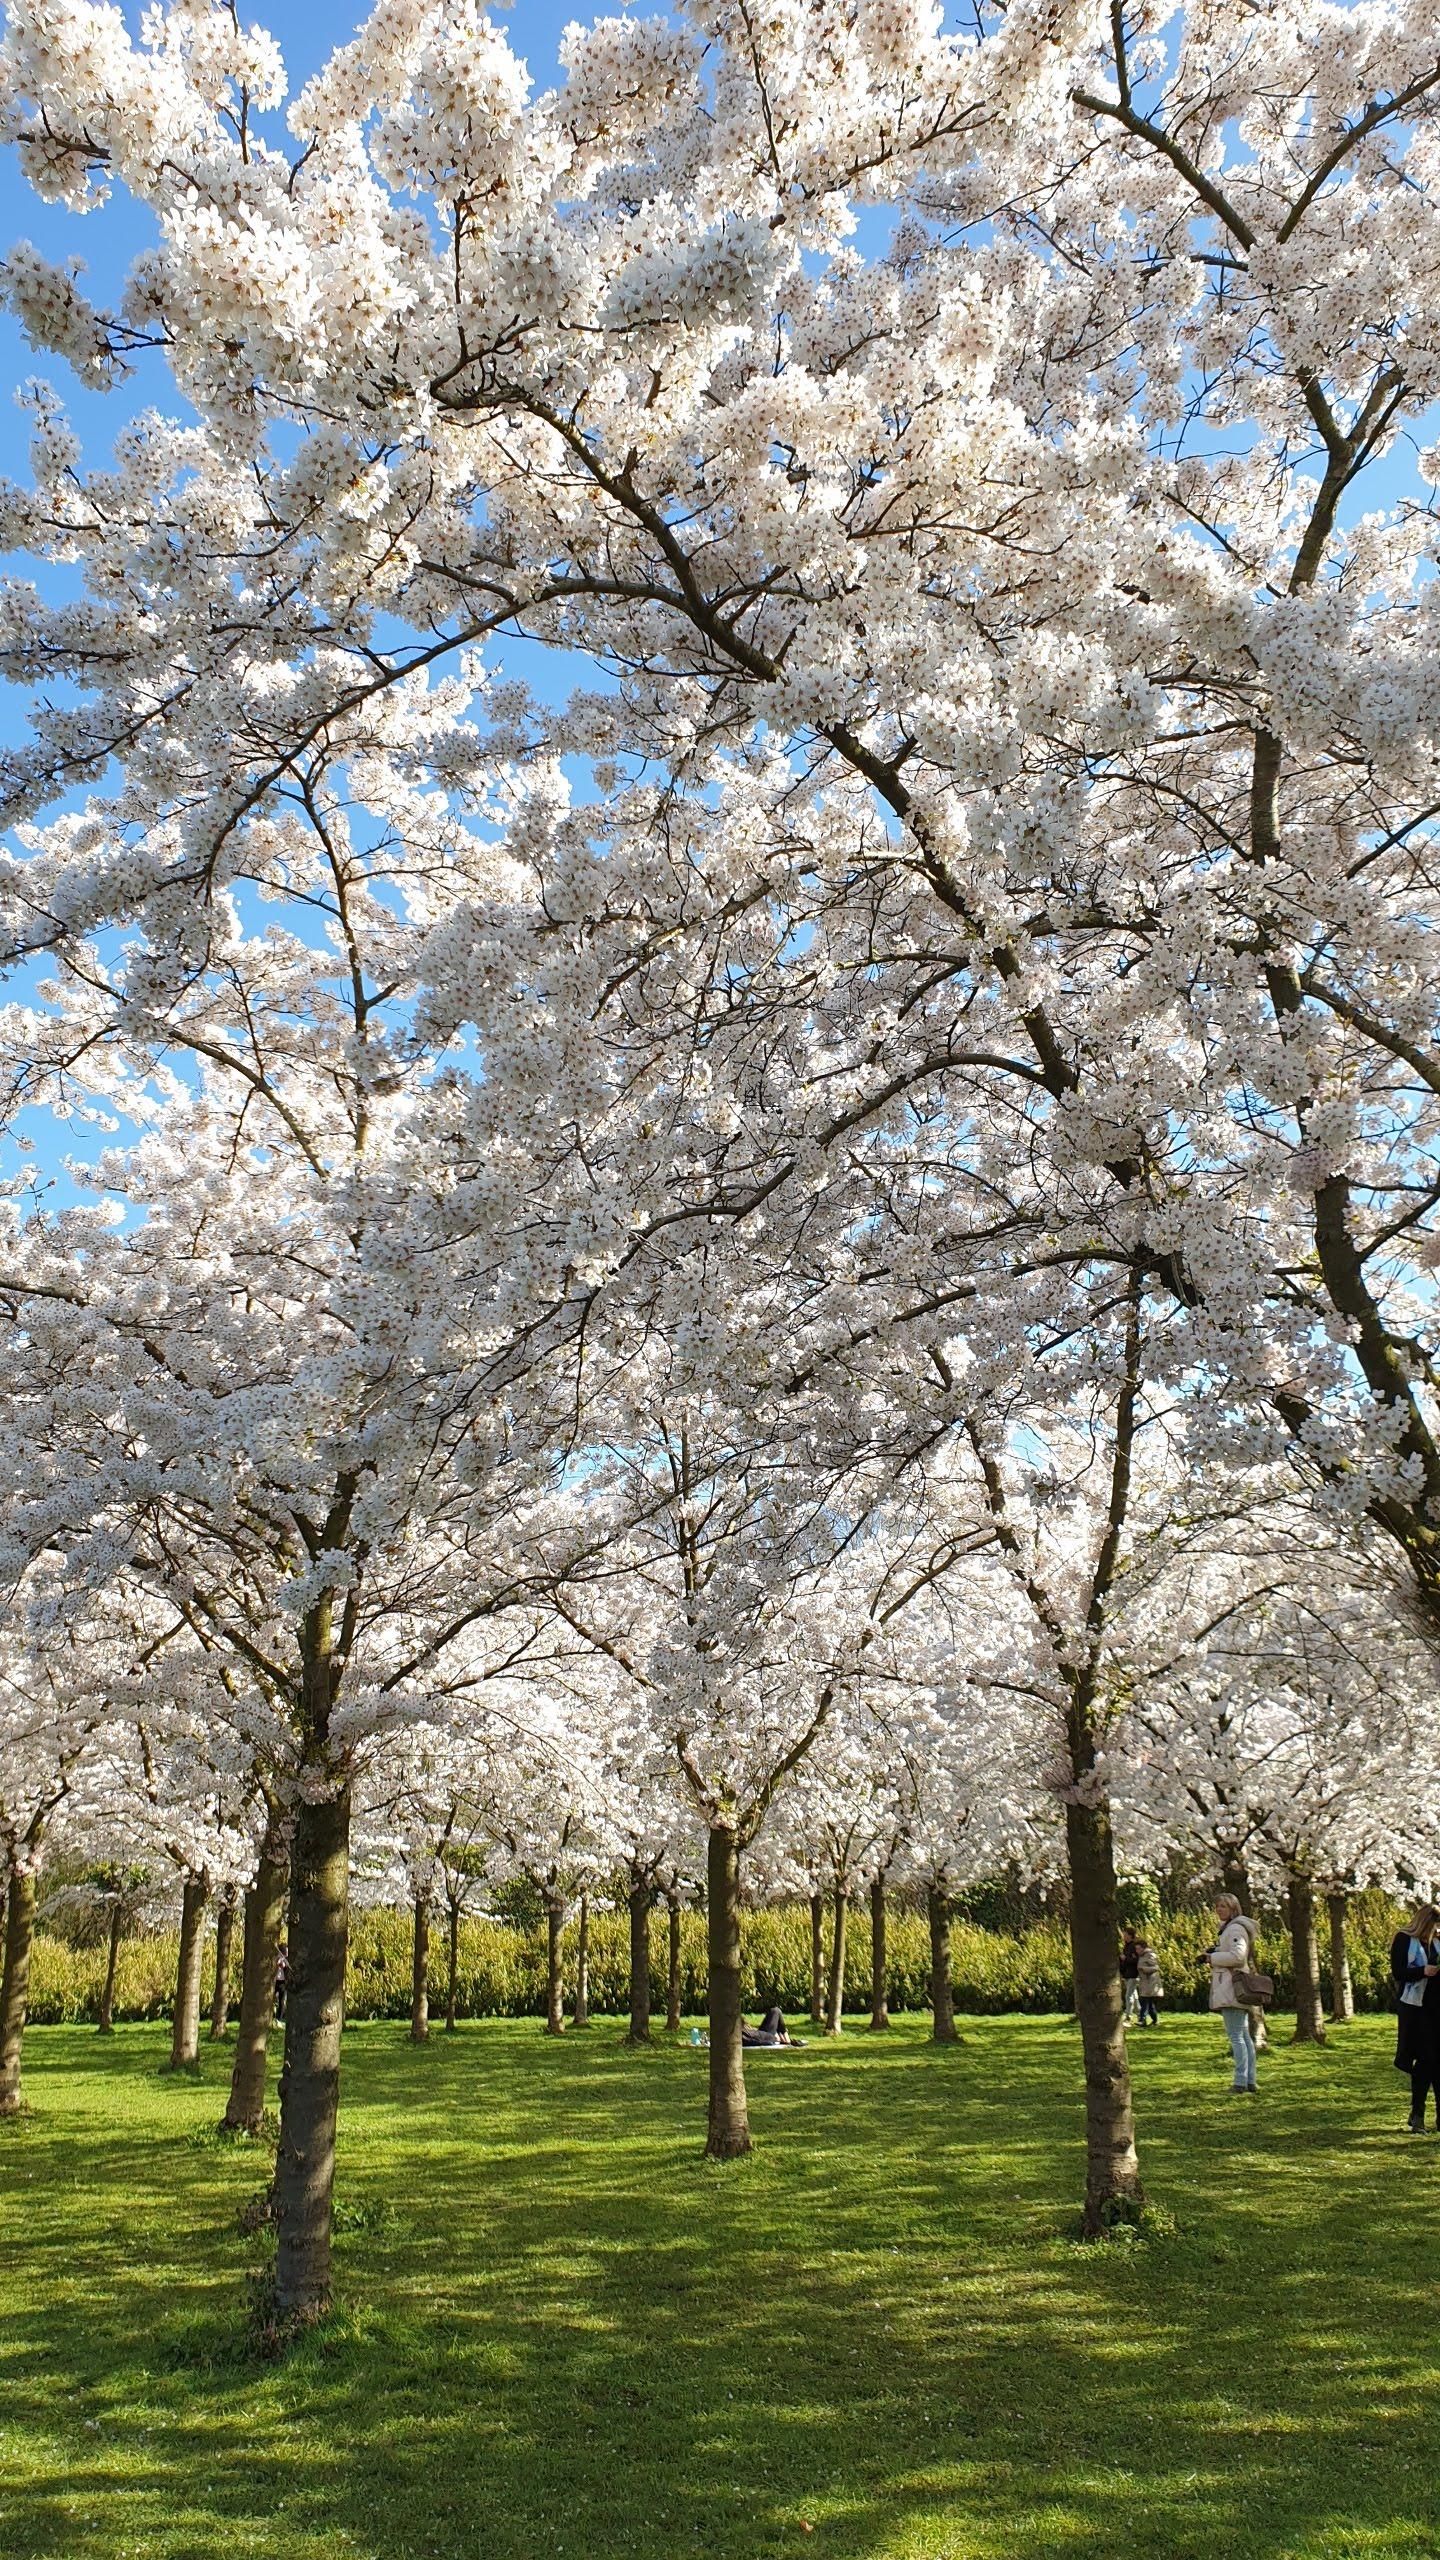 Taman Sakura di Belanda. Menarik dikunjungi Gratis tanpa ada karcis masuk. Sebaiknya naik mobil dan disambung dengan sepeda. Bunga Jepang yang Cantik